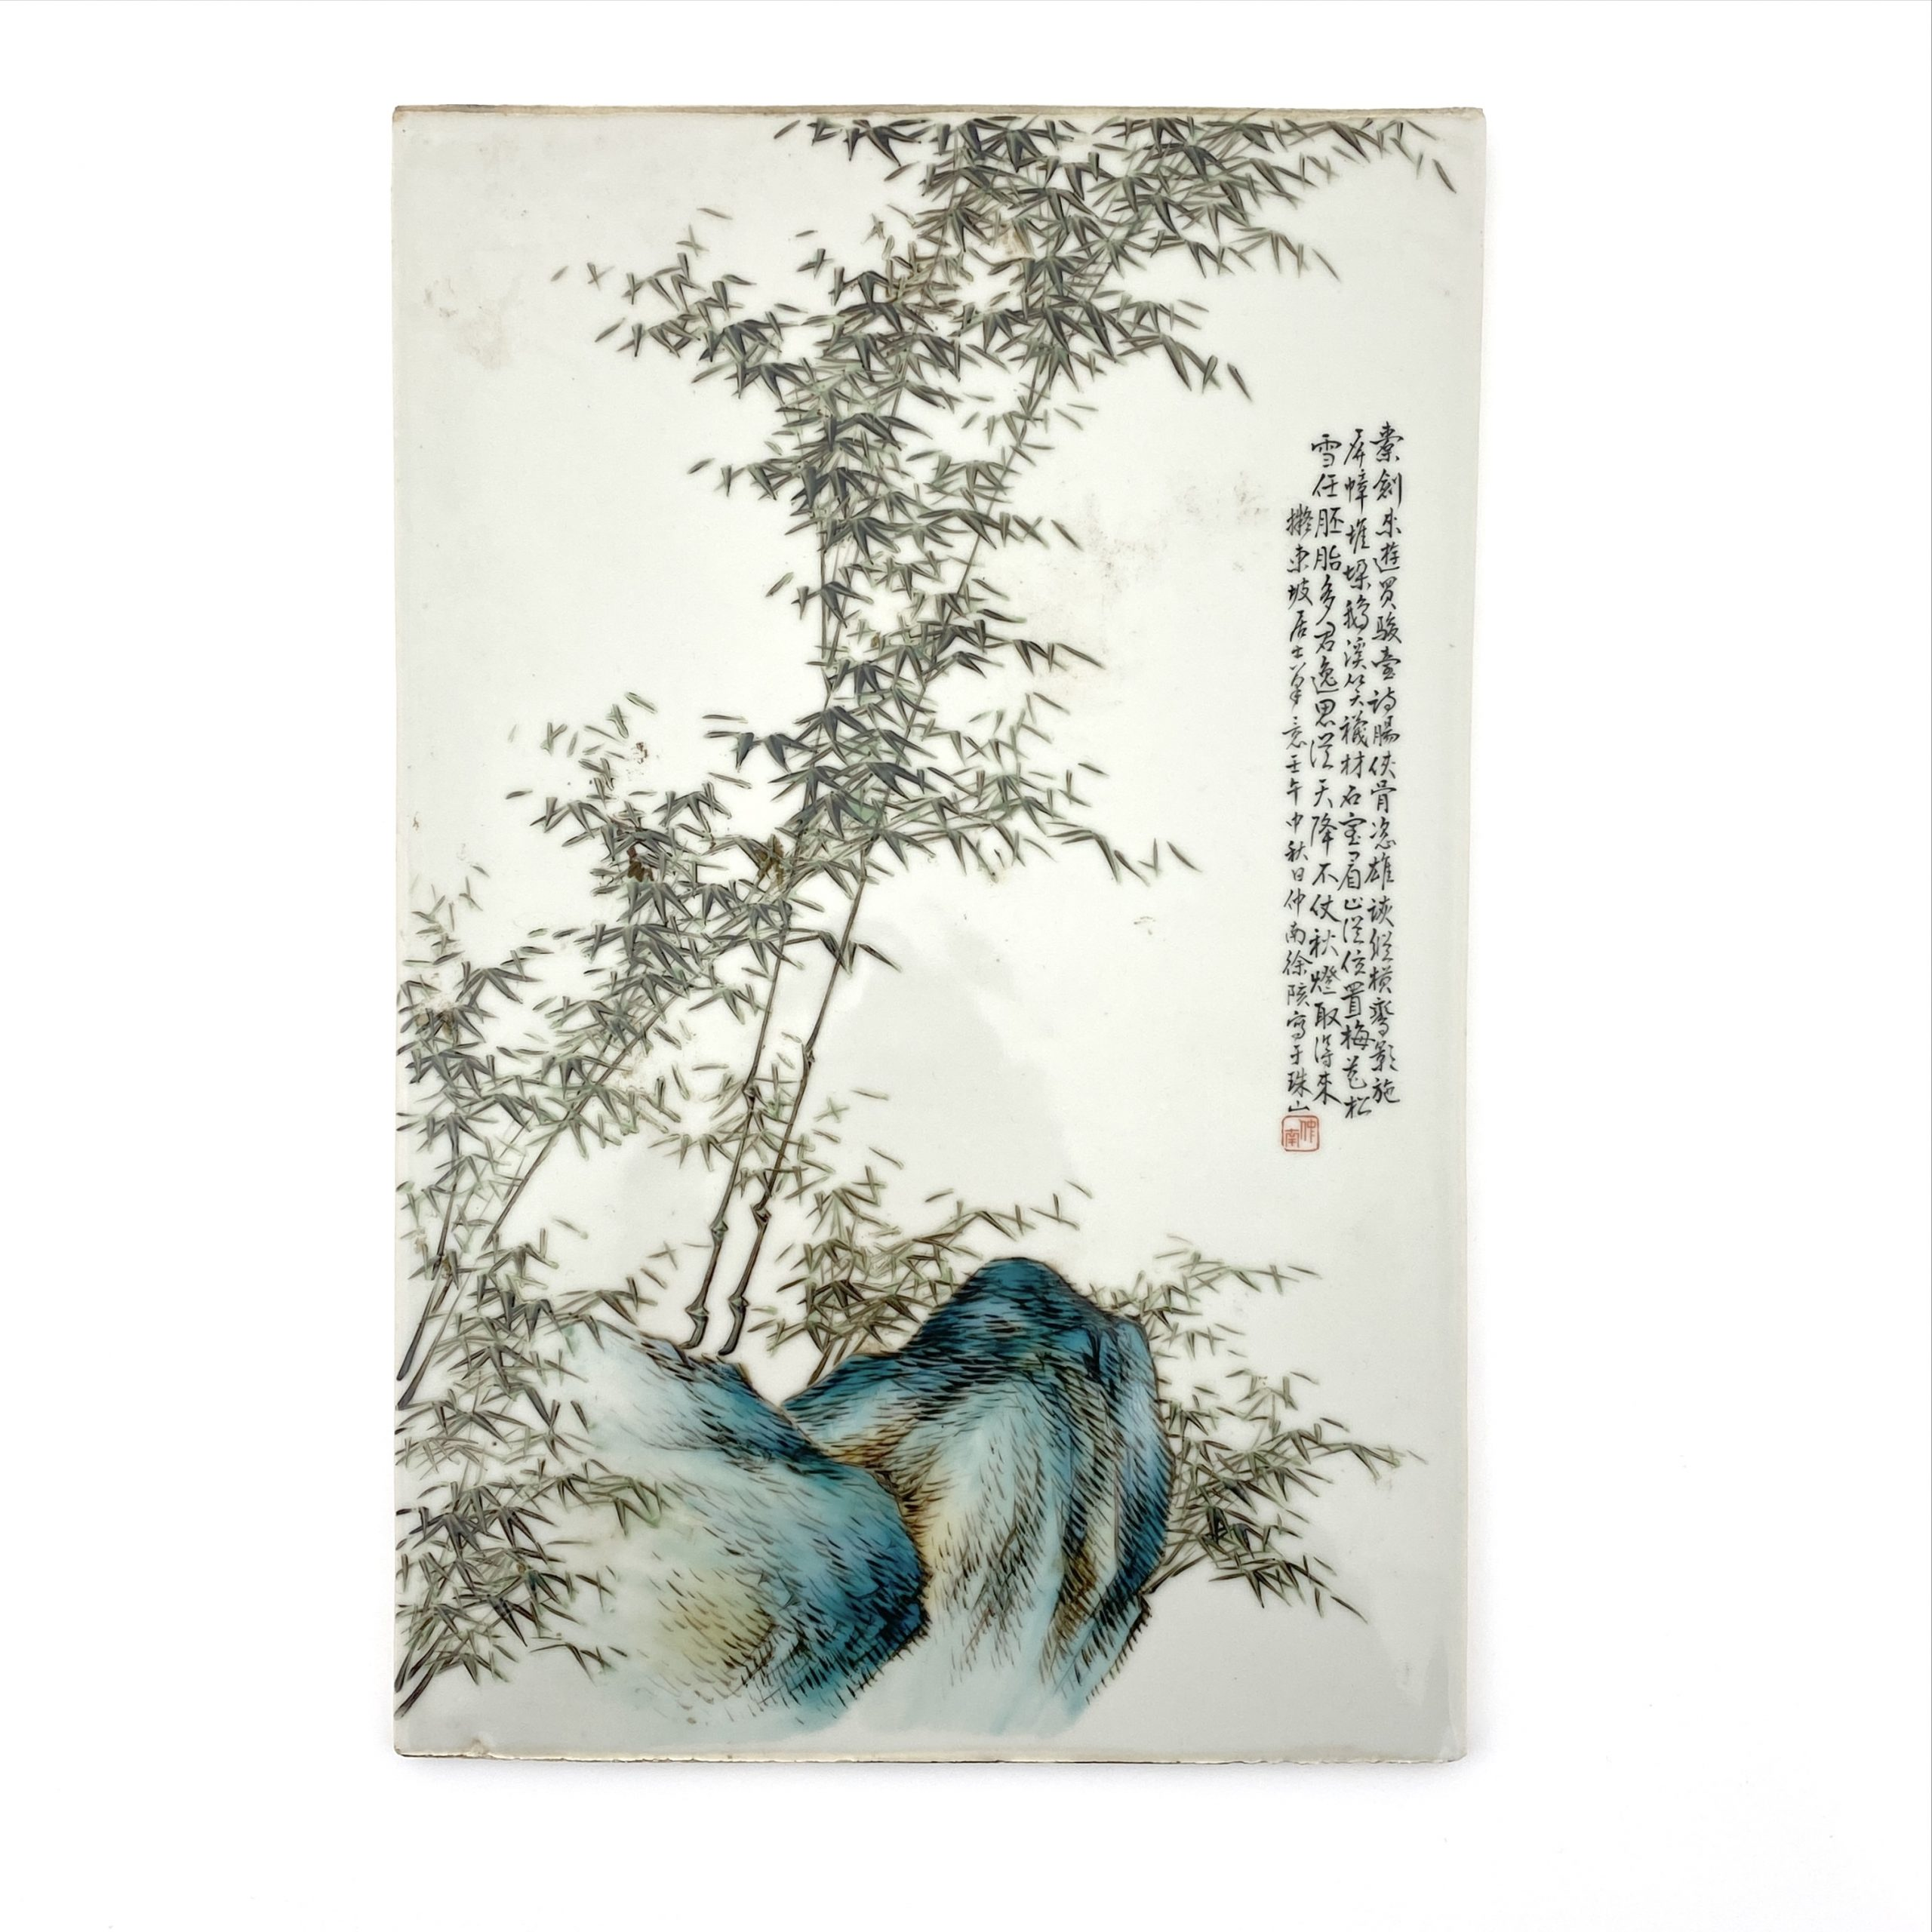 20141「徐仲南」款 粉彩 岩竹紋 陶板 額